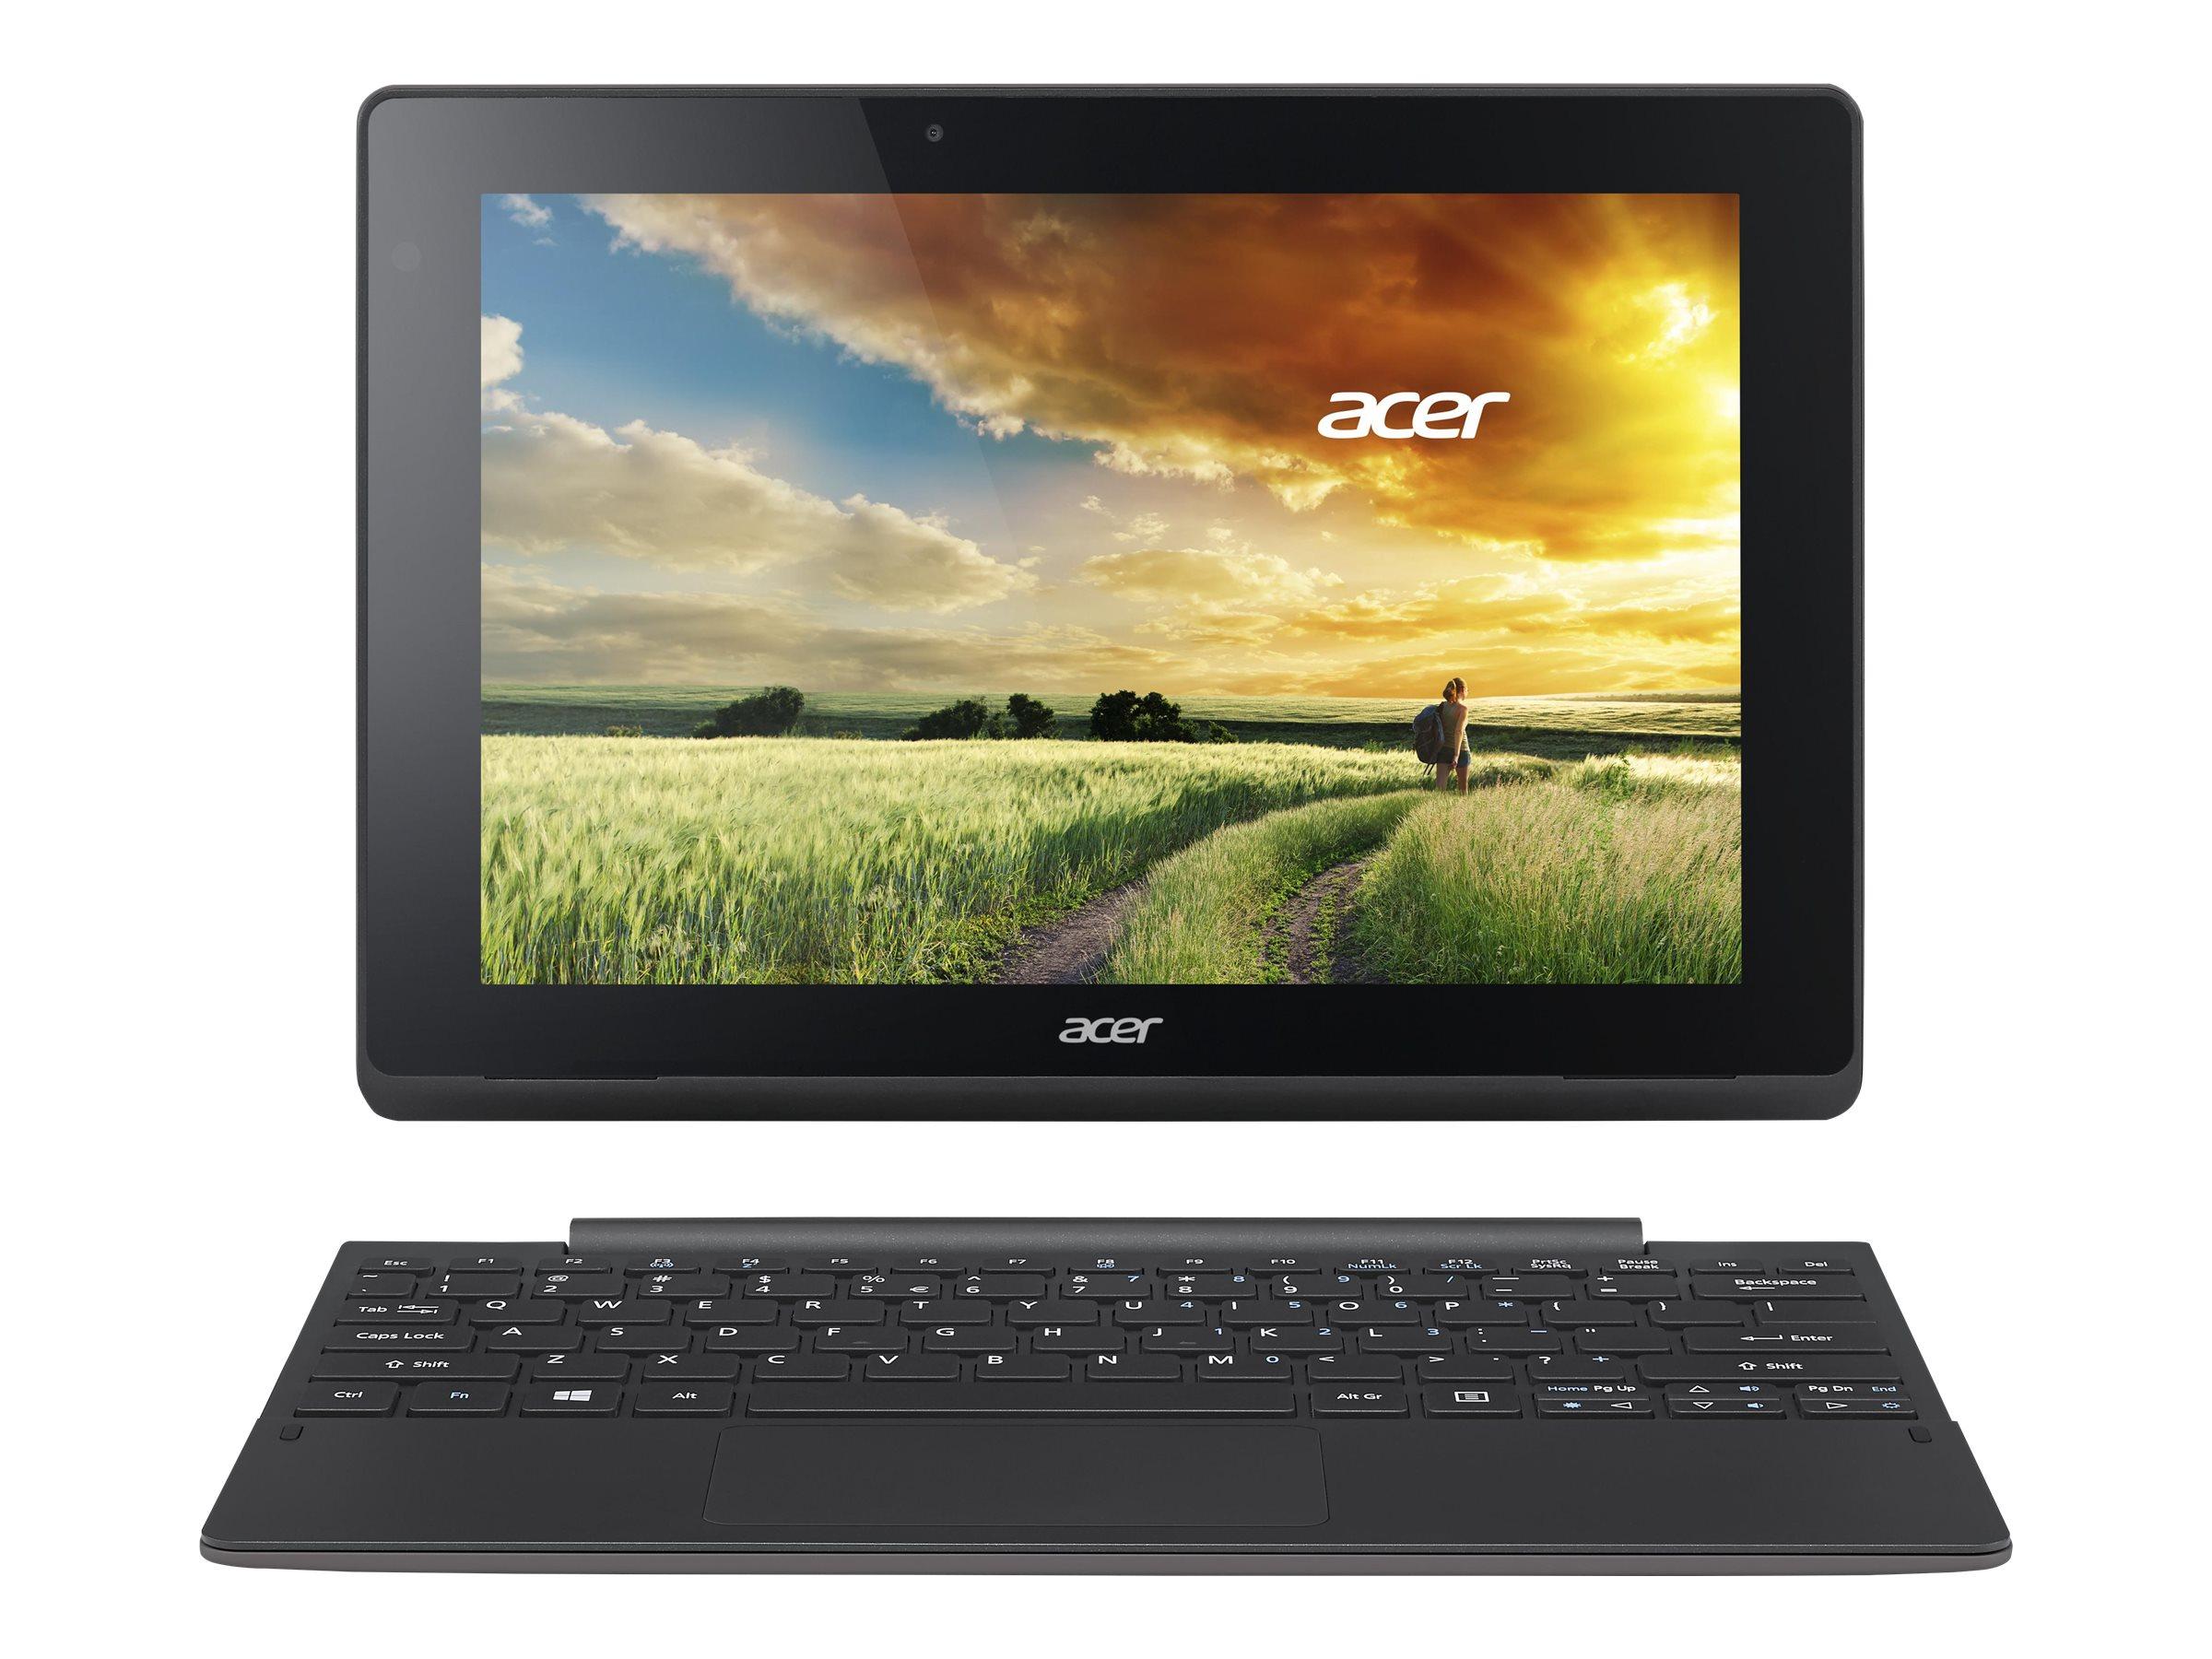 Acer NT.MX3AA.008 Image 5